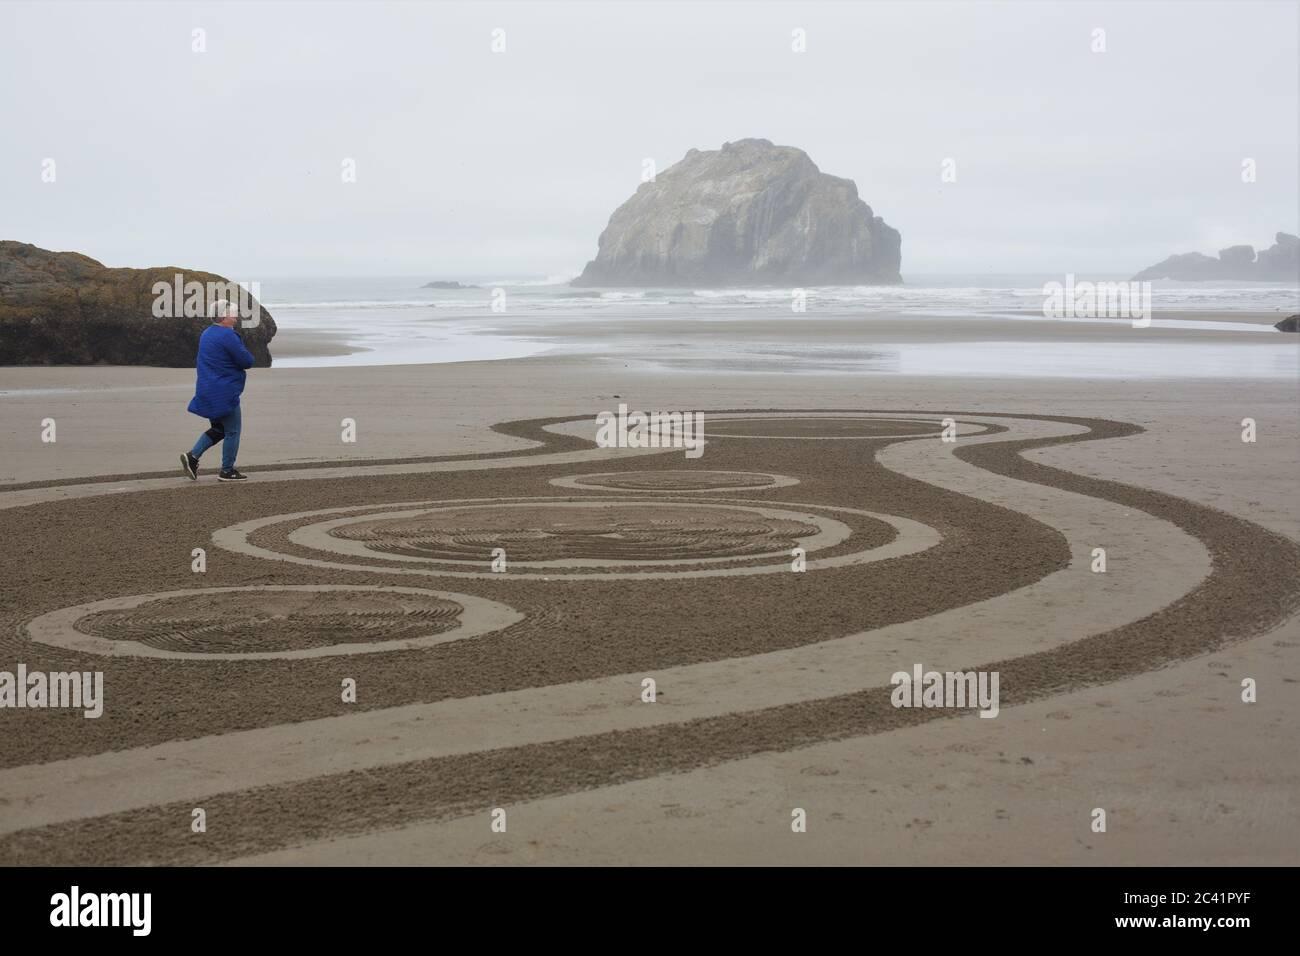 Una donna che cammina un cerchio nel labirinto di sabbia a Face Rock Beach a Bandon, Oregon, Stati Uniti. Foto Stock